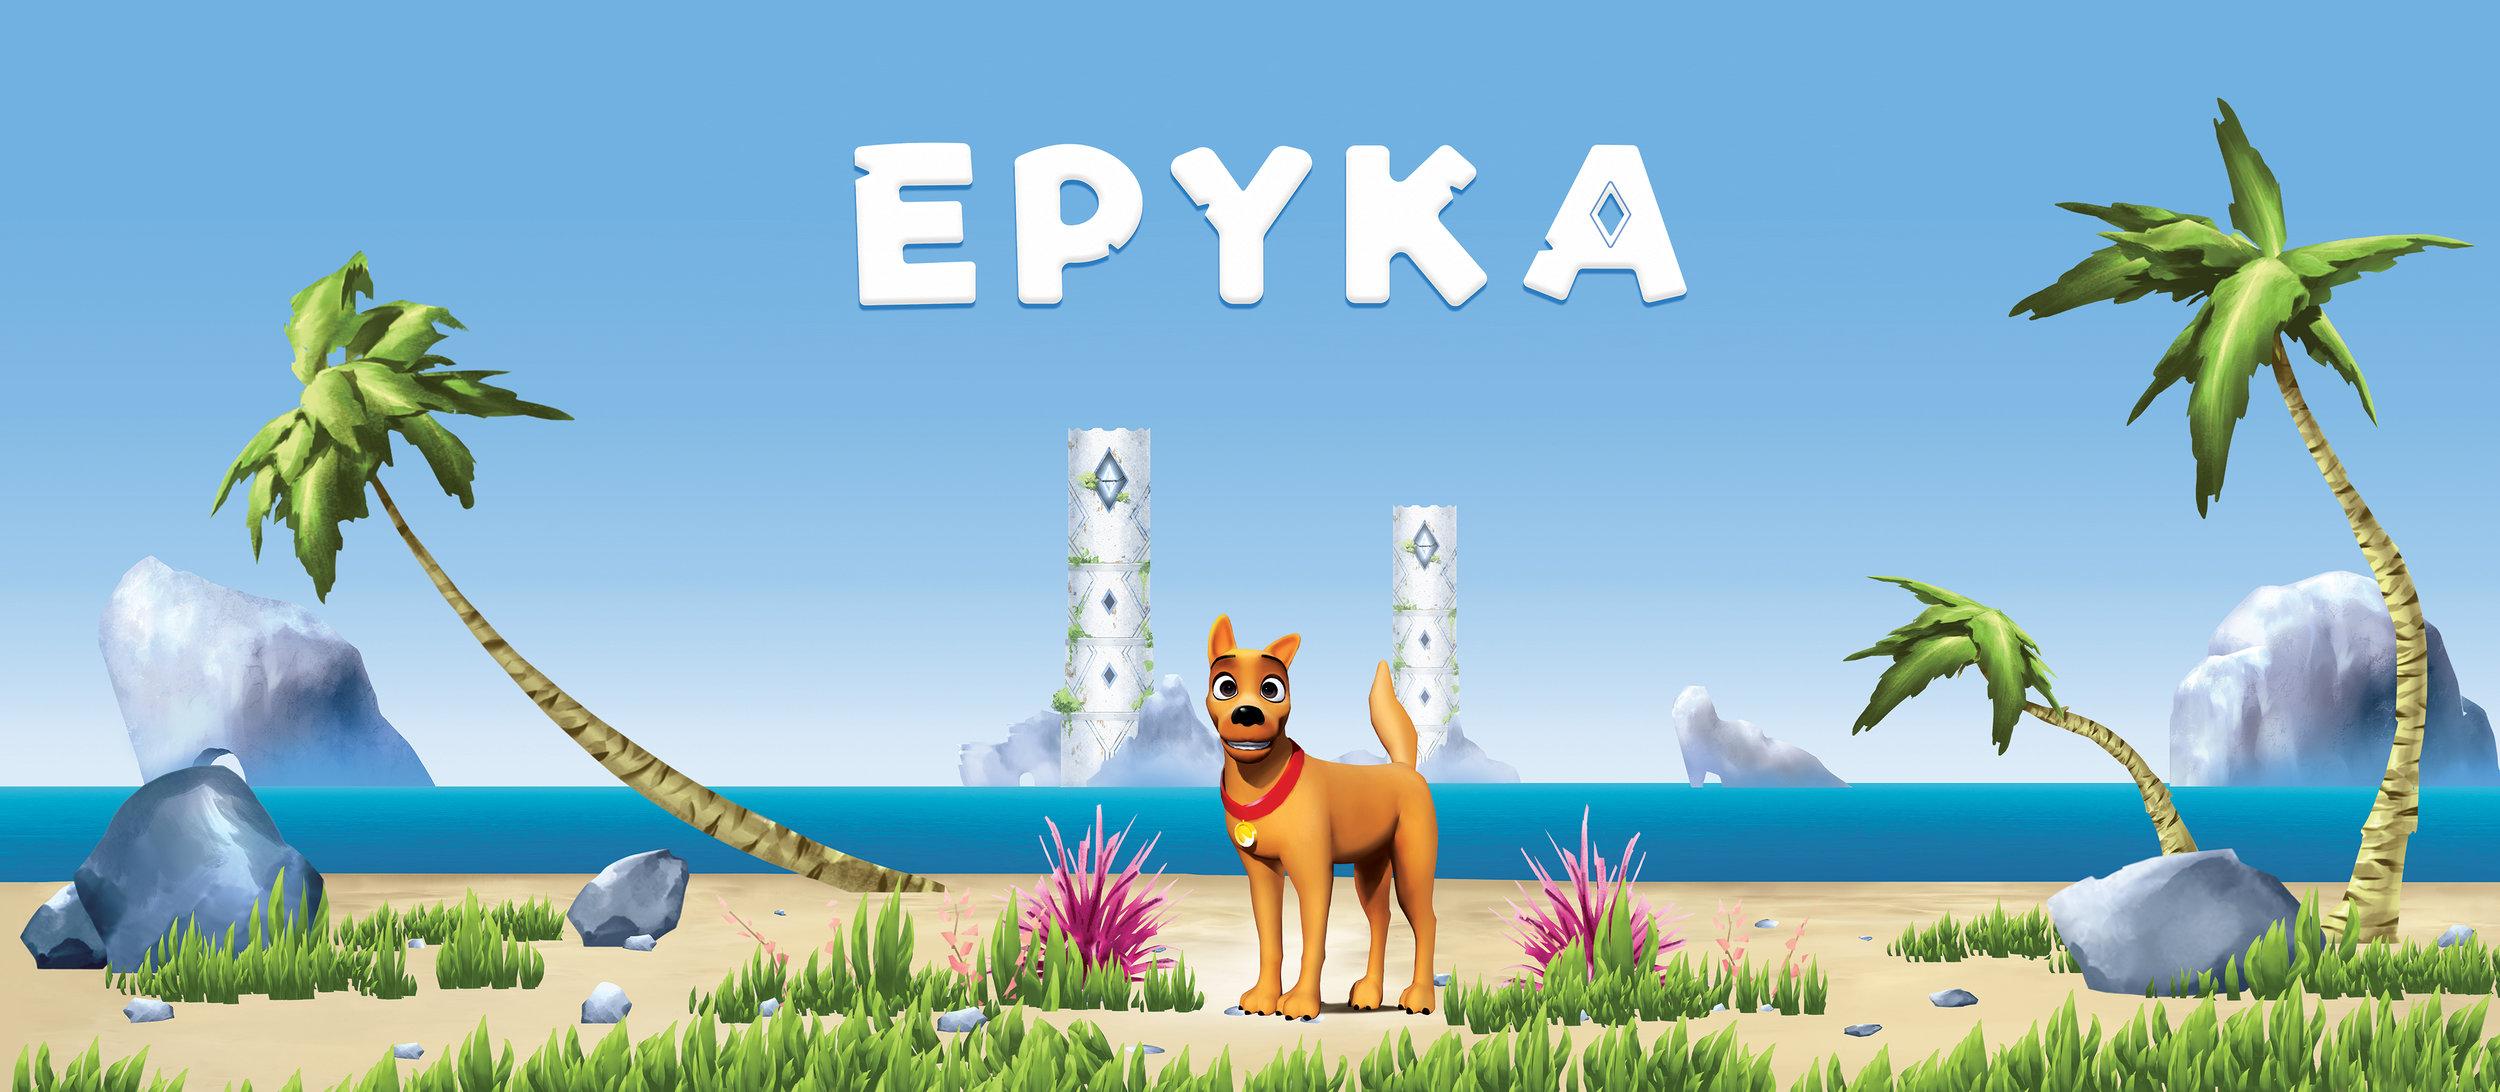 EPYKA